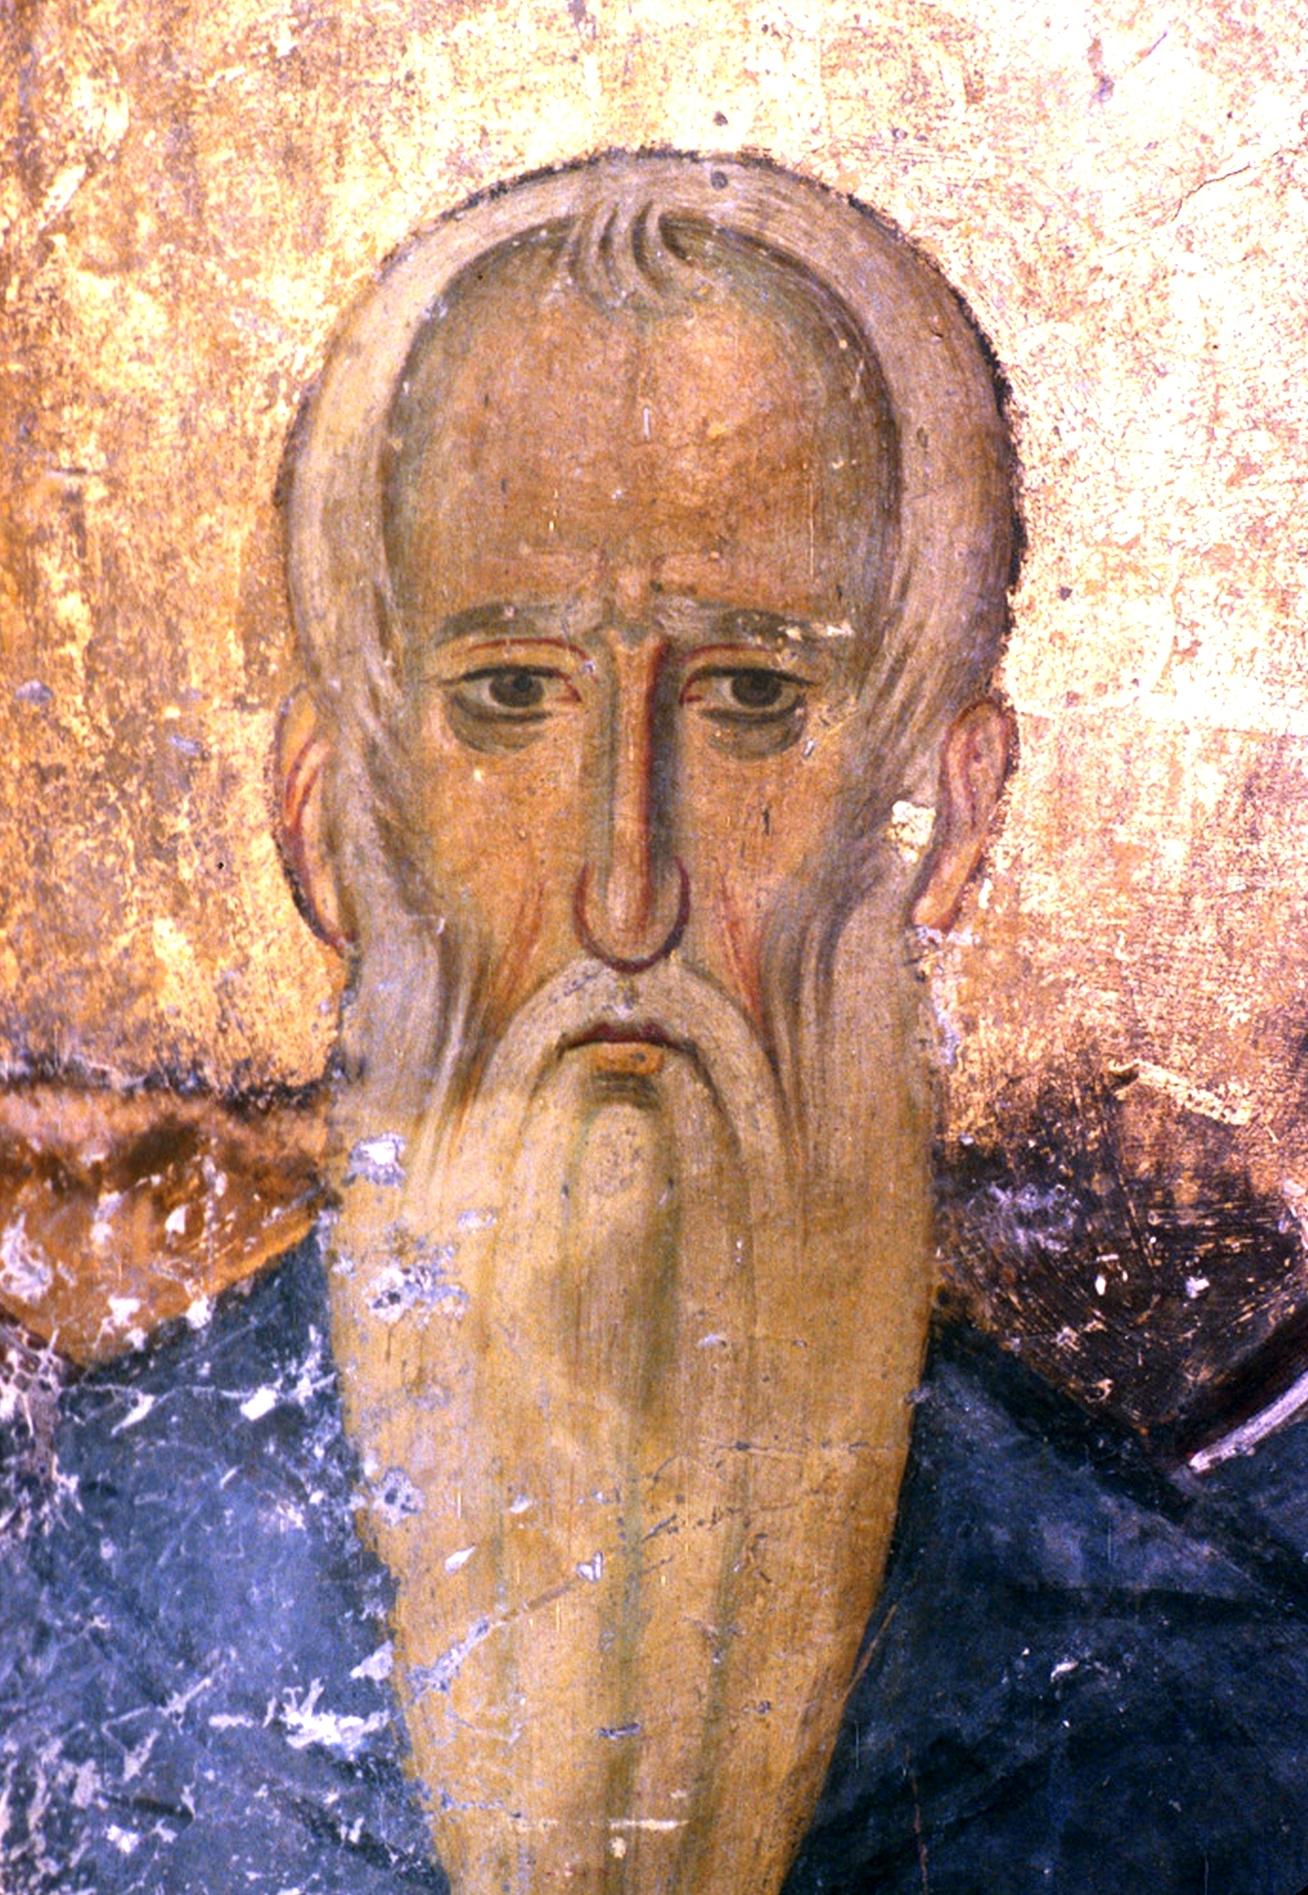 Святой Преподобный Иларион (?). Фреска церкви Богородицы в монастыре Студеница, Сербия. 1208 - 1209 годы.